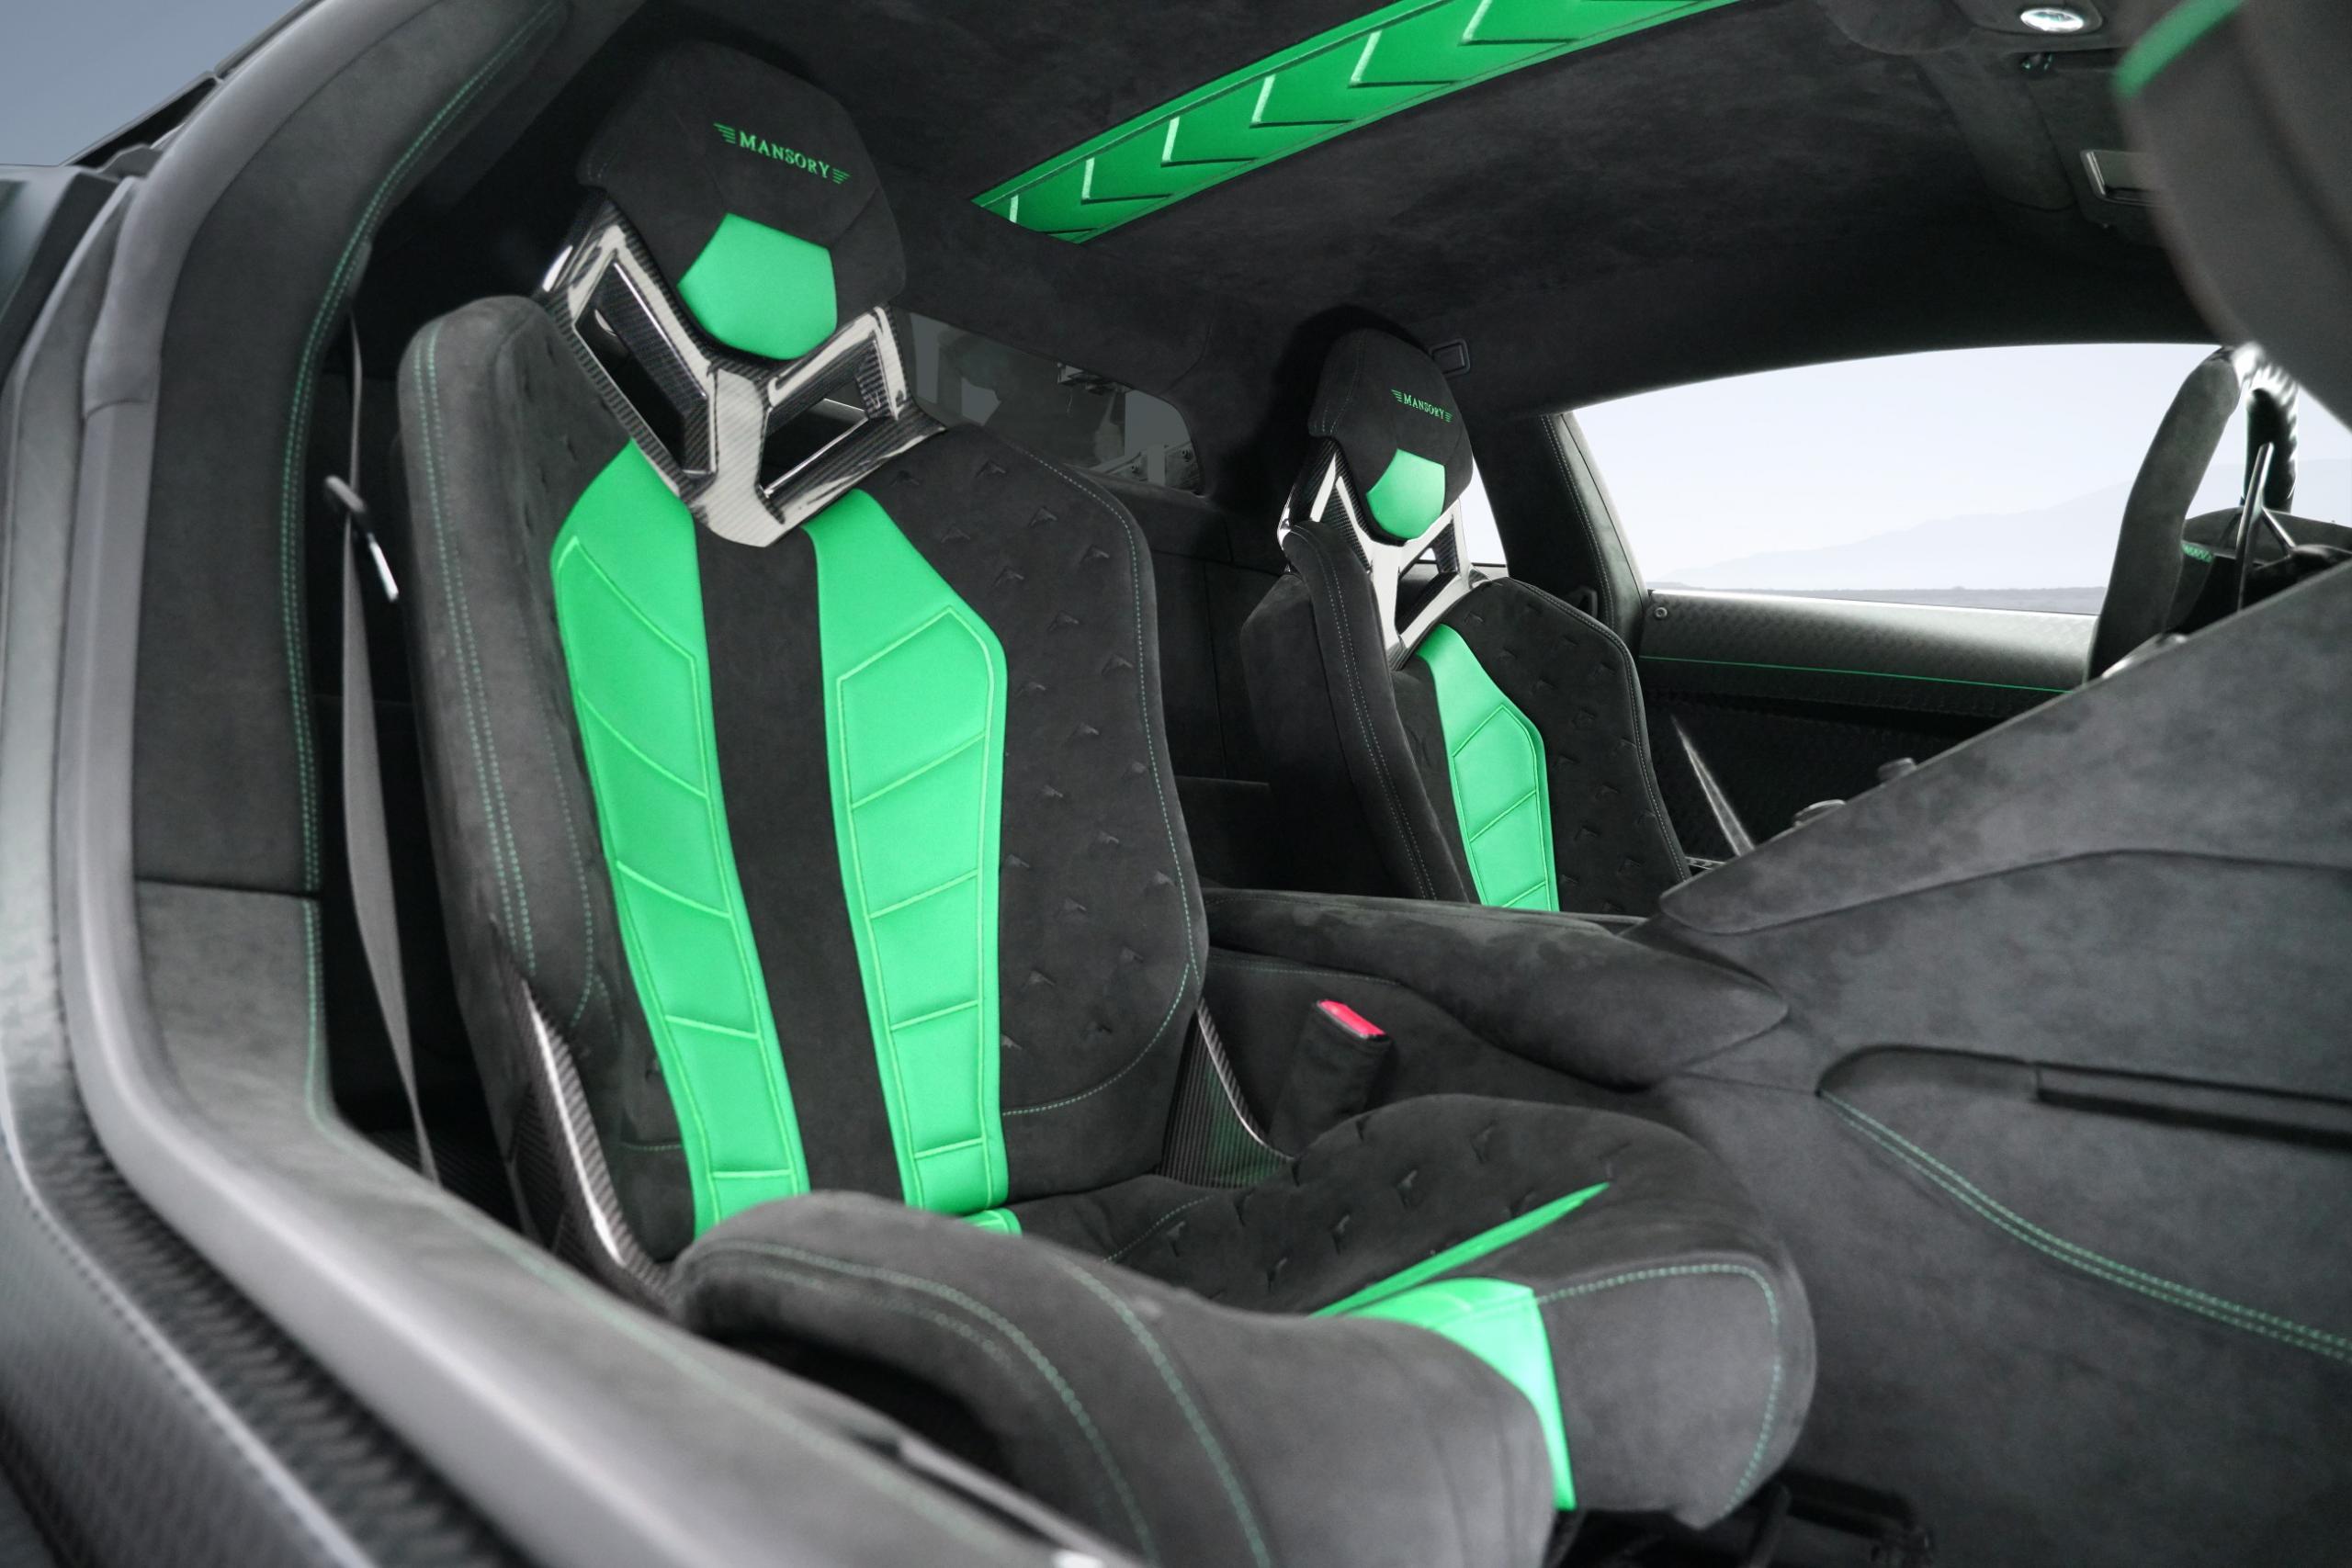 Mansory Lamborghini Aventador SVJ Interior